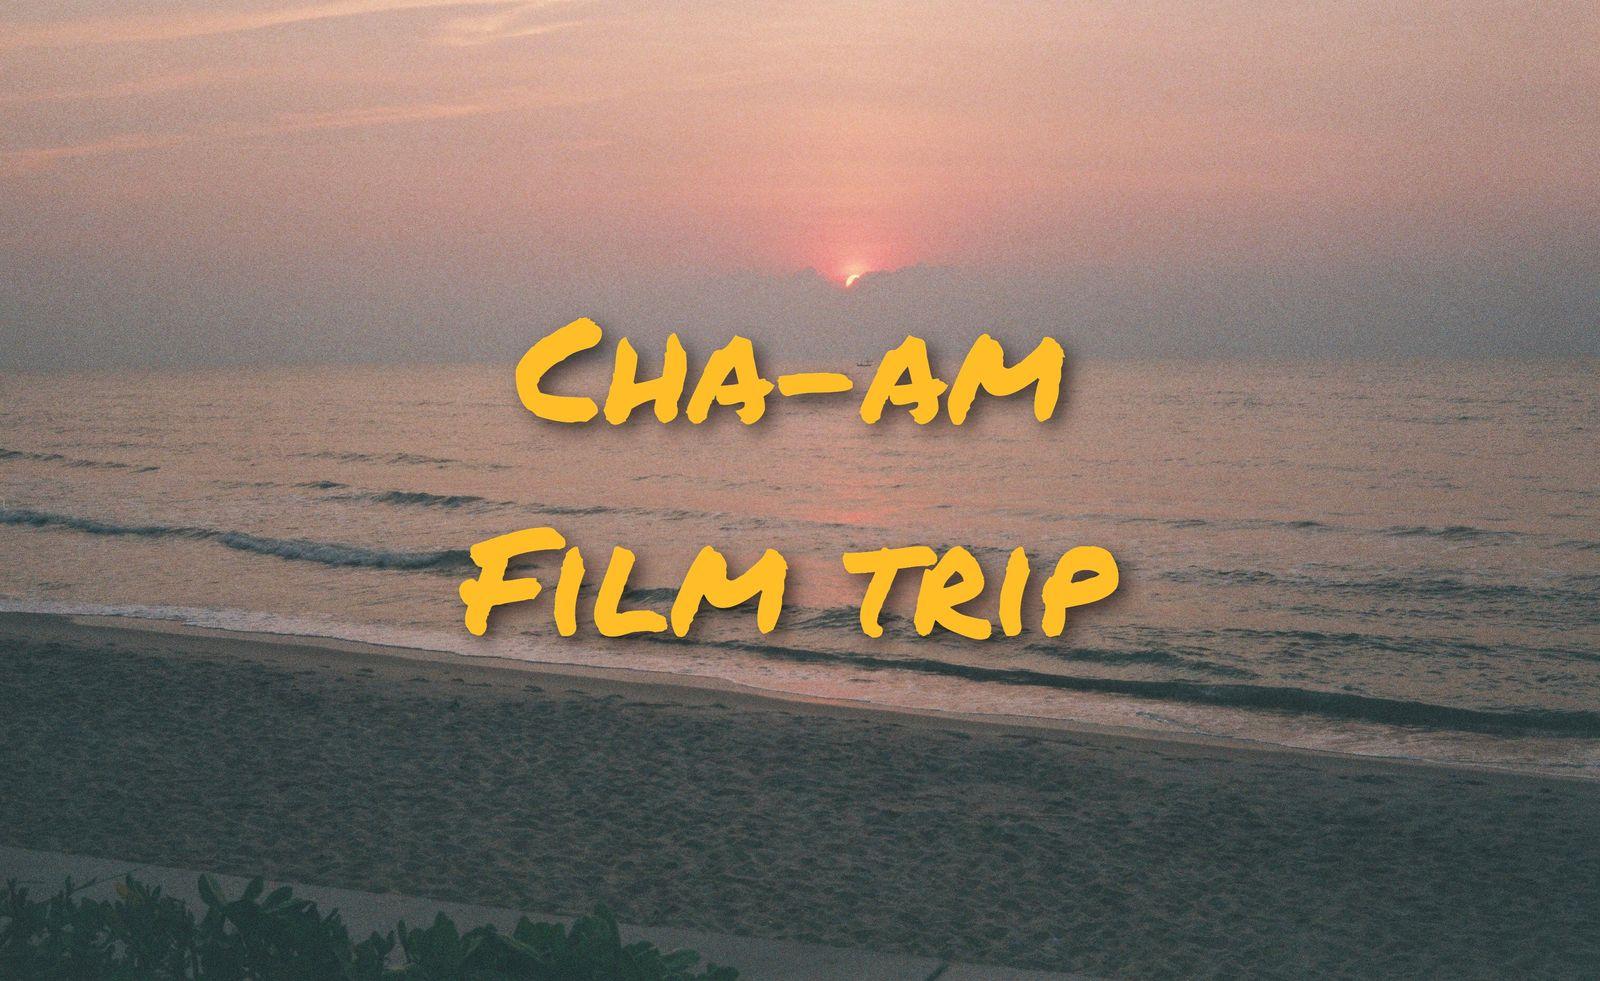 ถ่ายกล้องฟิล์มที่ชะอำ! | Cha-am film trip